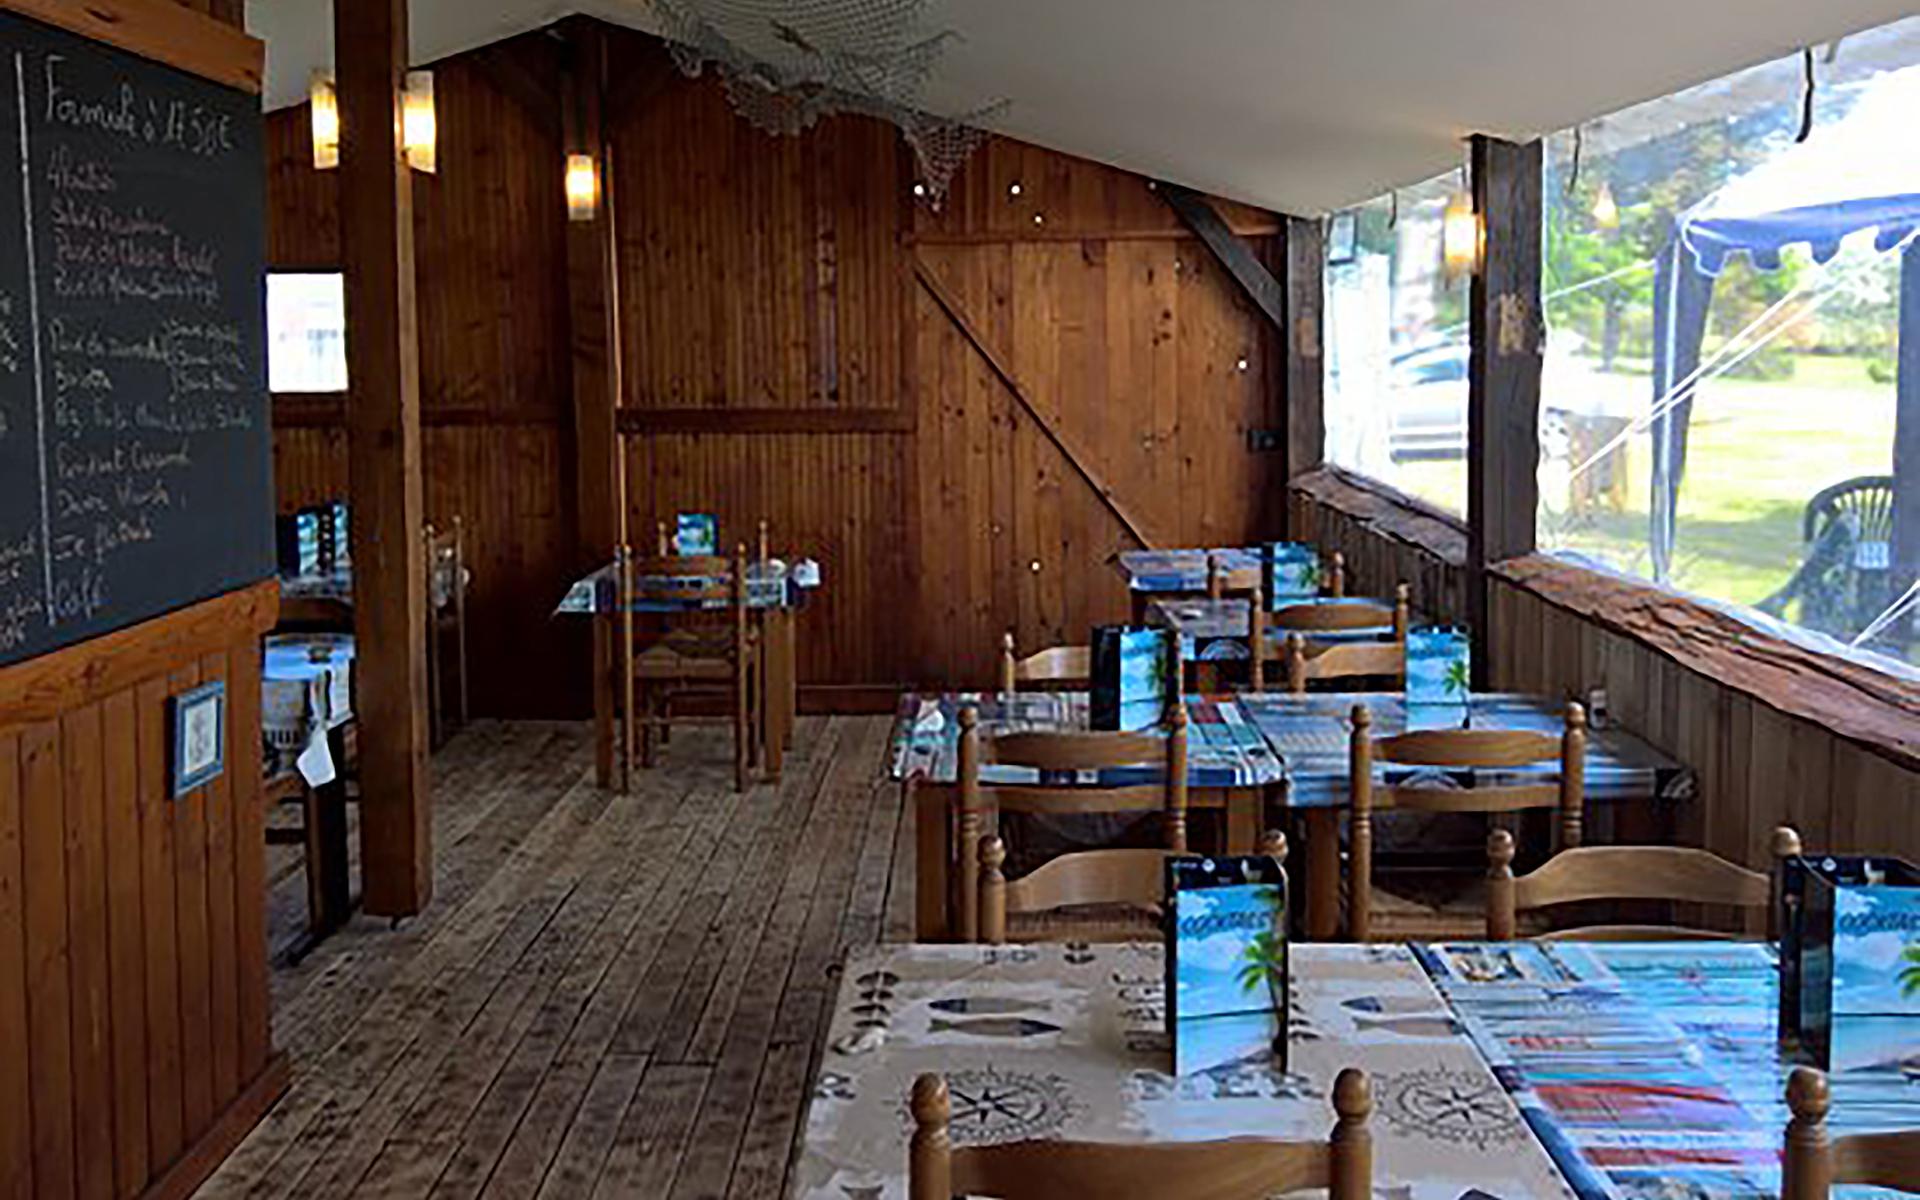 le restaurant La cabane du lac avant l'incendie Port des barques ©DR